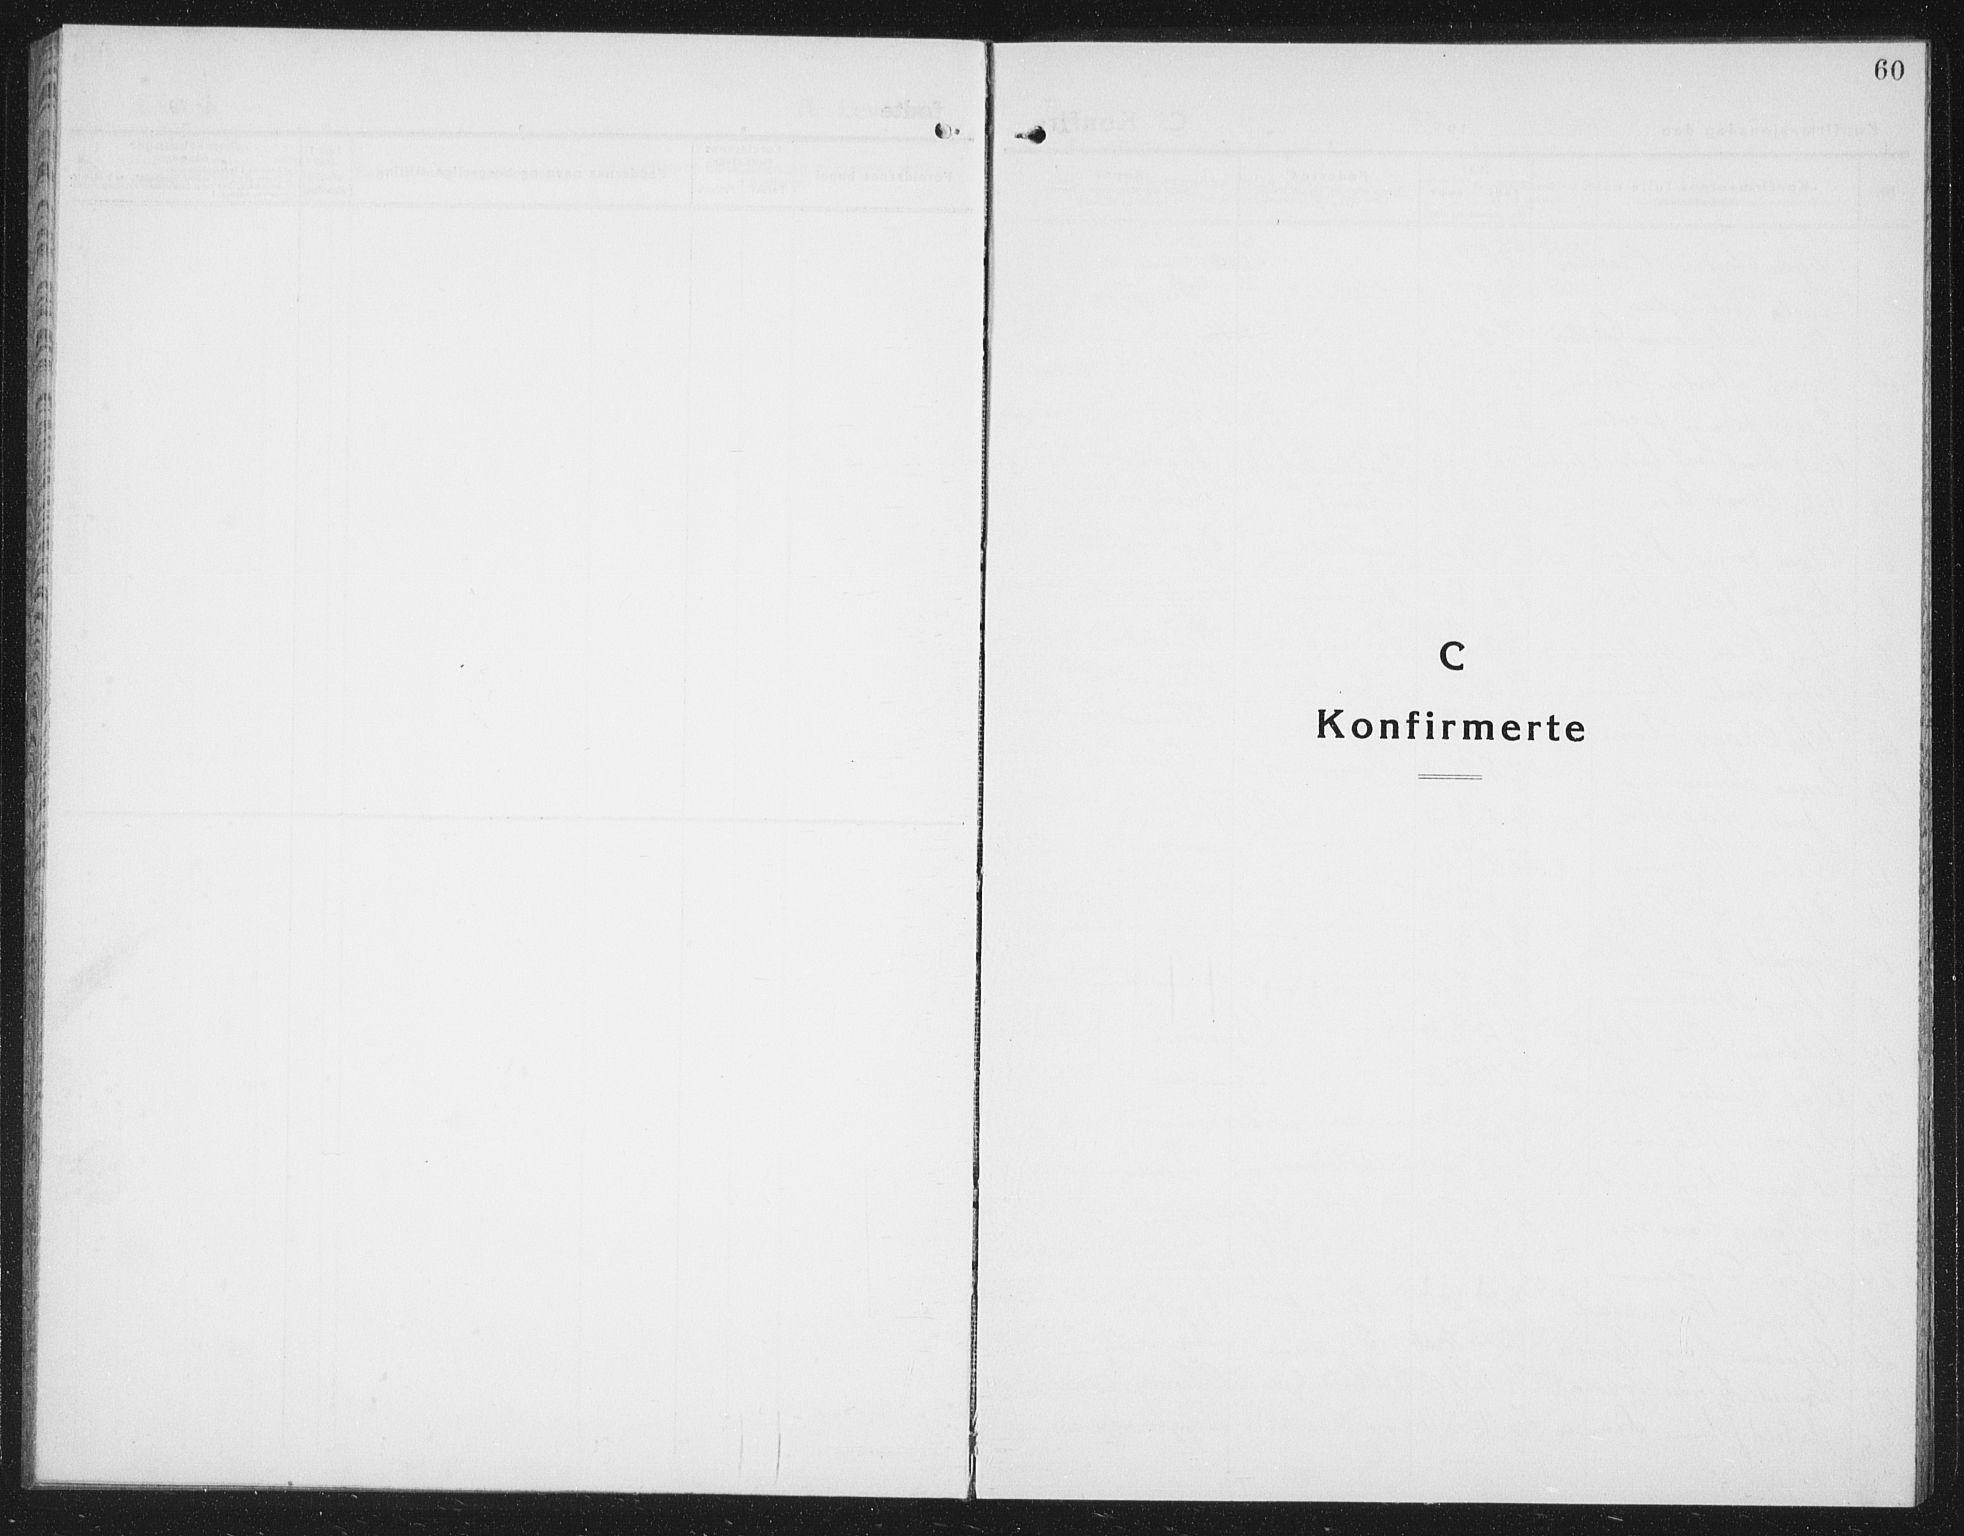 SAT, Ministerialprotokoller, klokkerbøker og fødselsregistre - Nord-Trøndelag, 740/L0383: Klokkerbok nr. 740C04, 1927-1939, s. 60